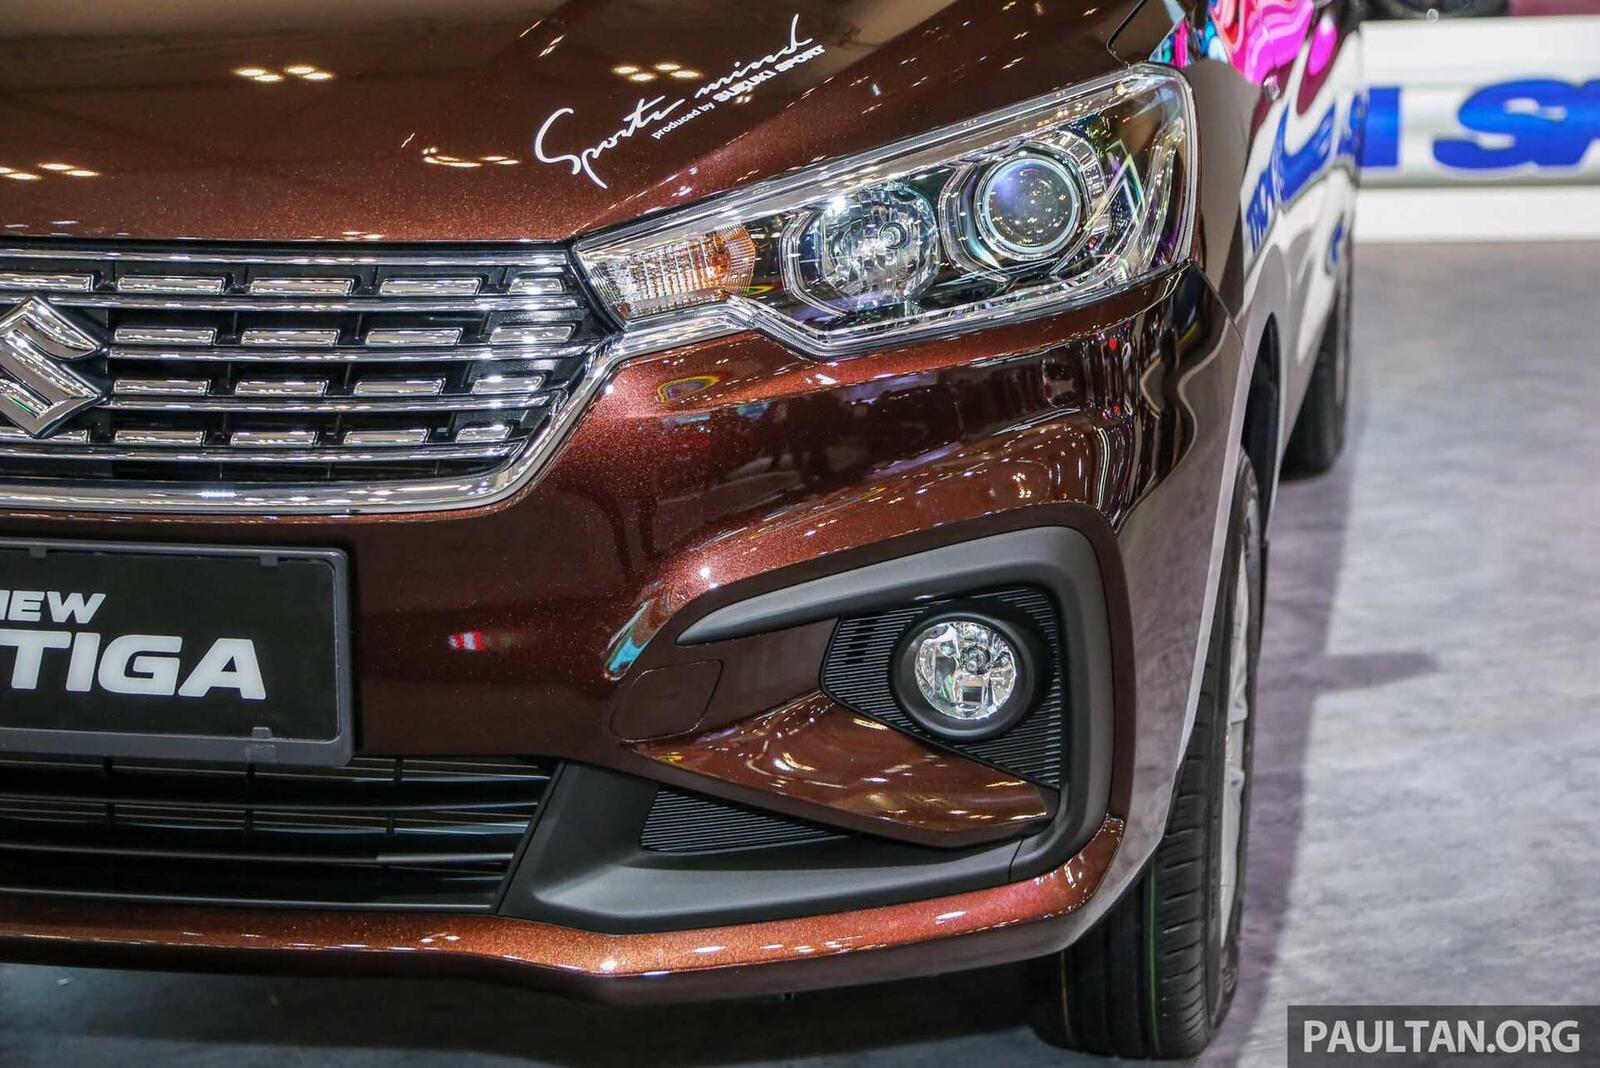 Suzuki Ertiga thế hệ mới có giá từ 486 triệu đồng tại Thái Lan; chưa hẹn ngày về Việt Nam - Hình 17